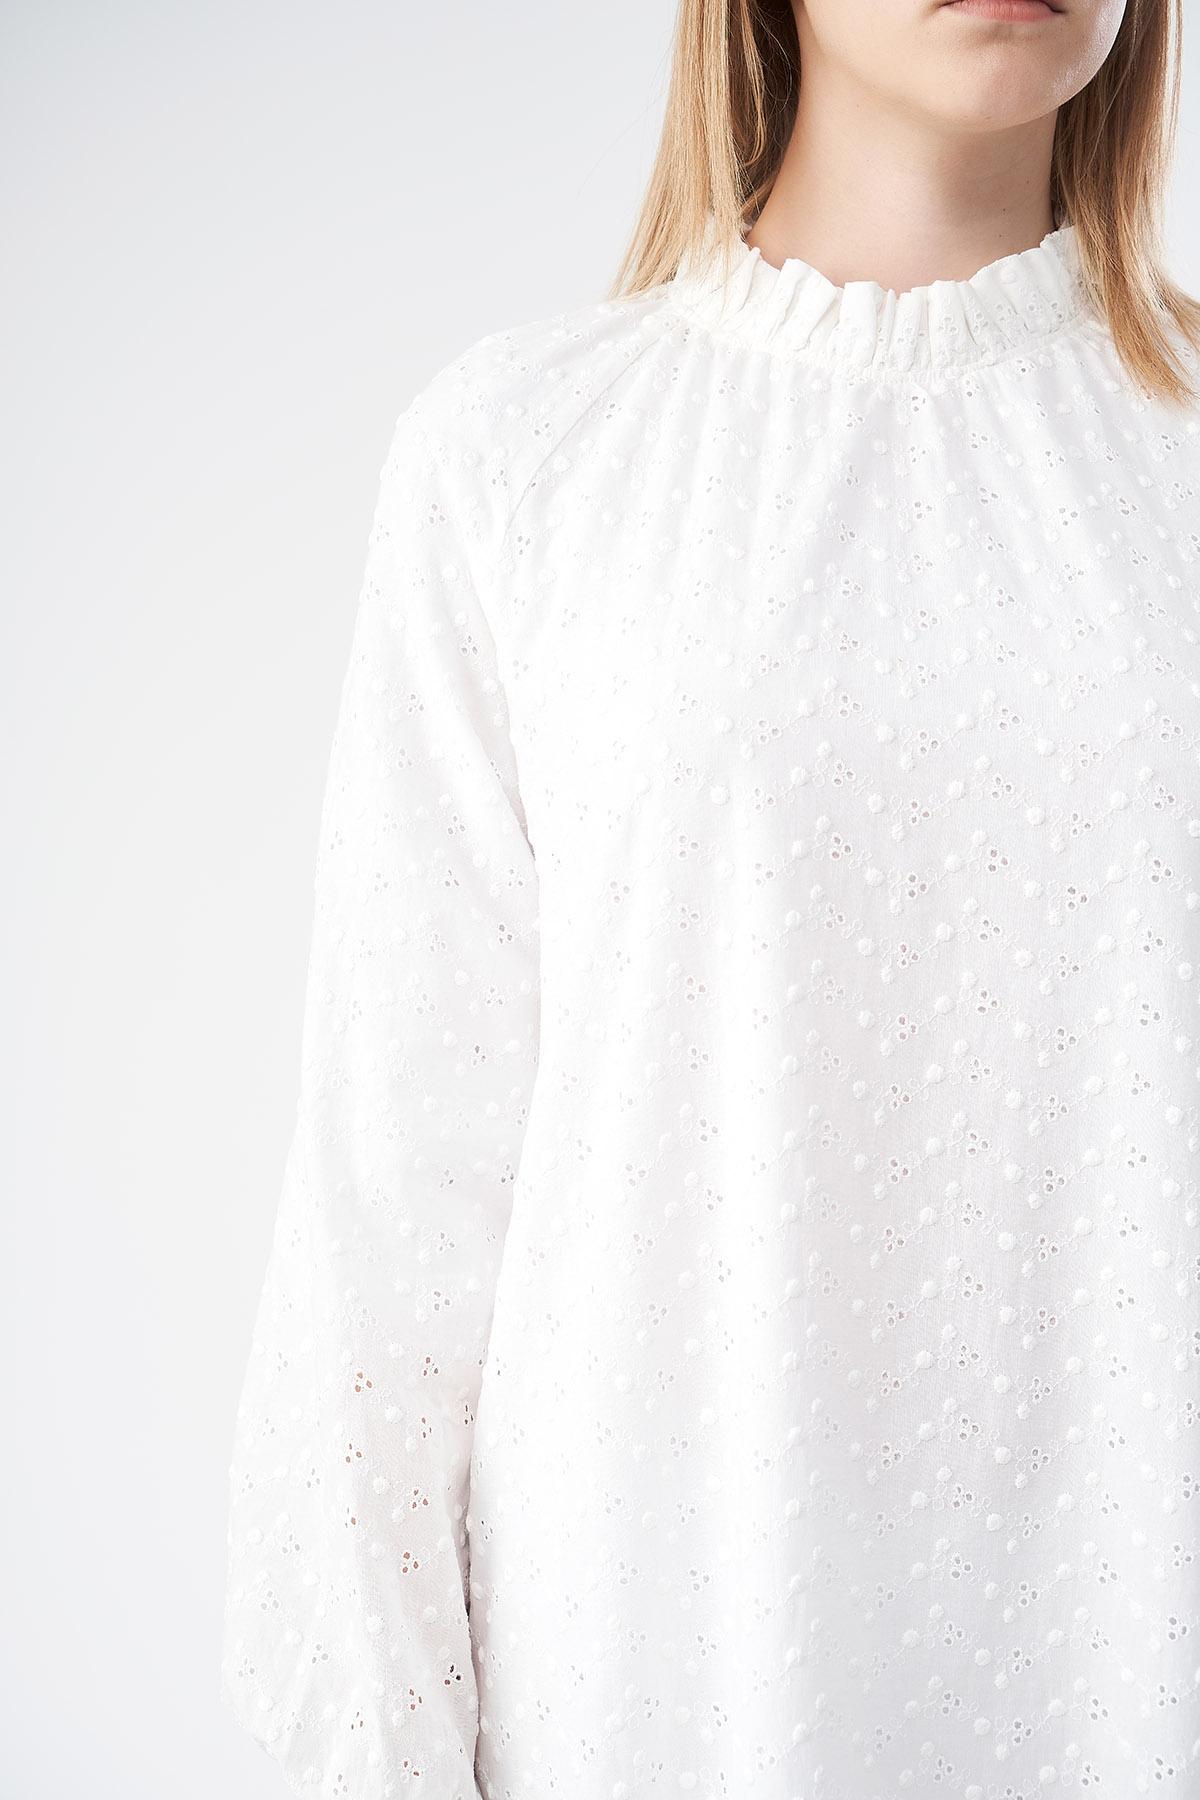 Mevra - Fistolu Fırfırlı Elbise Ekru